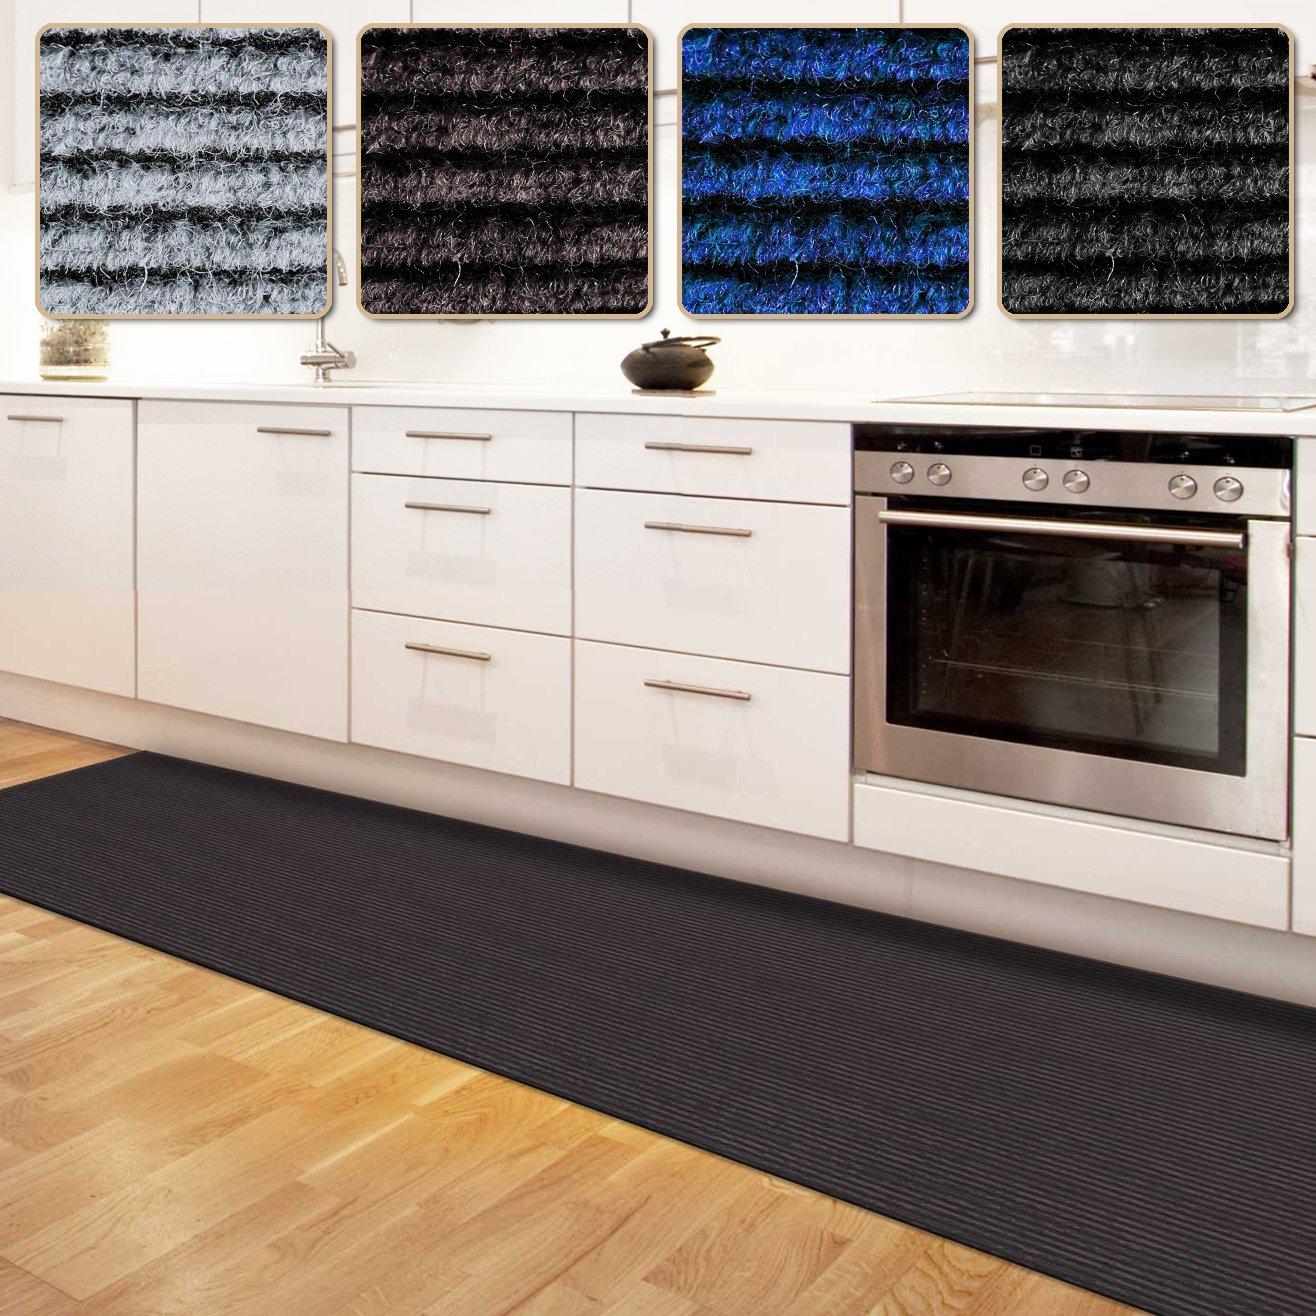 Floori Küchenläufer | strapazierfähiger Teppich Läufer für Küche ...